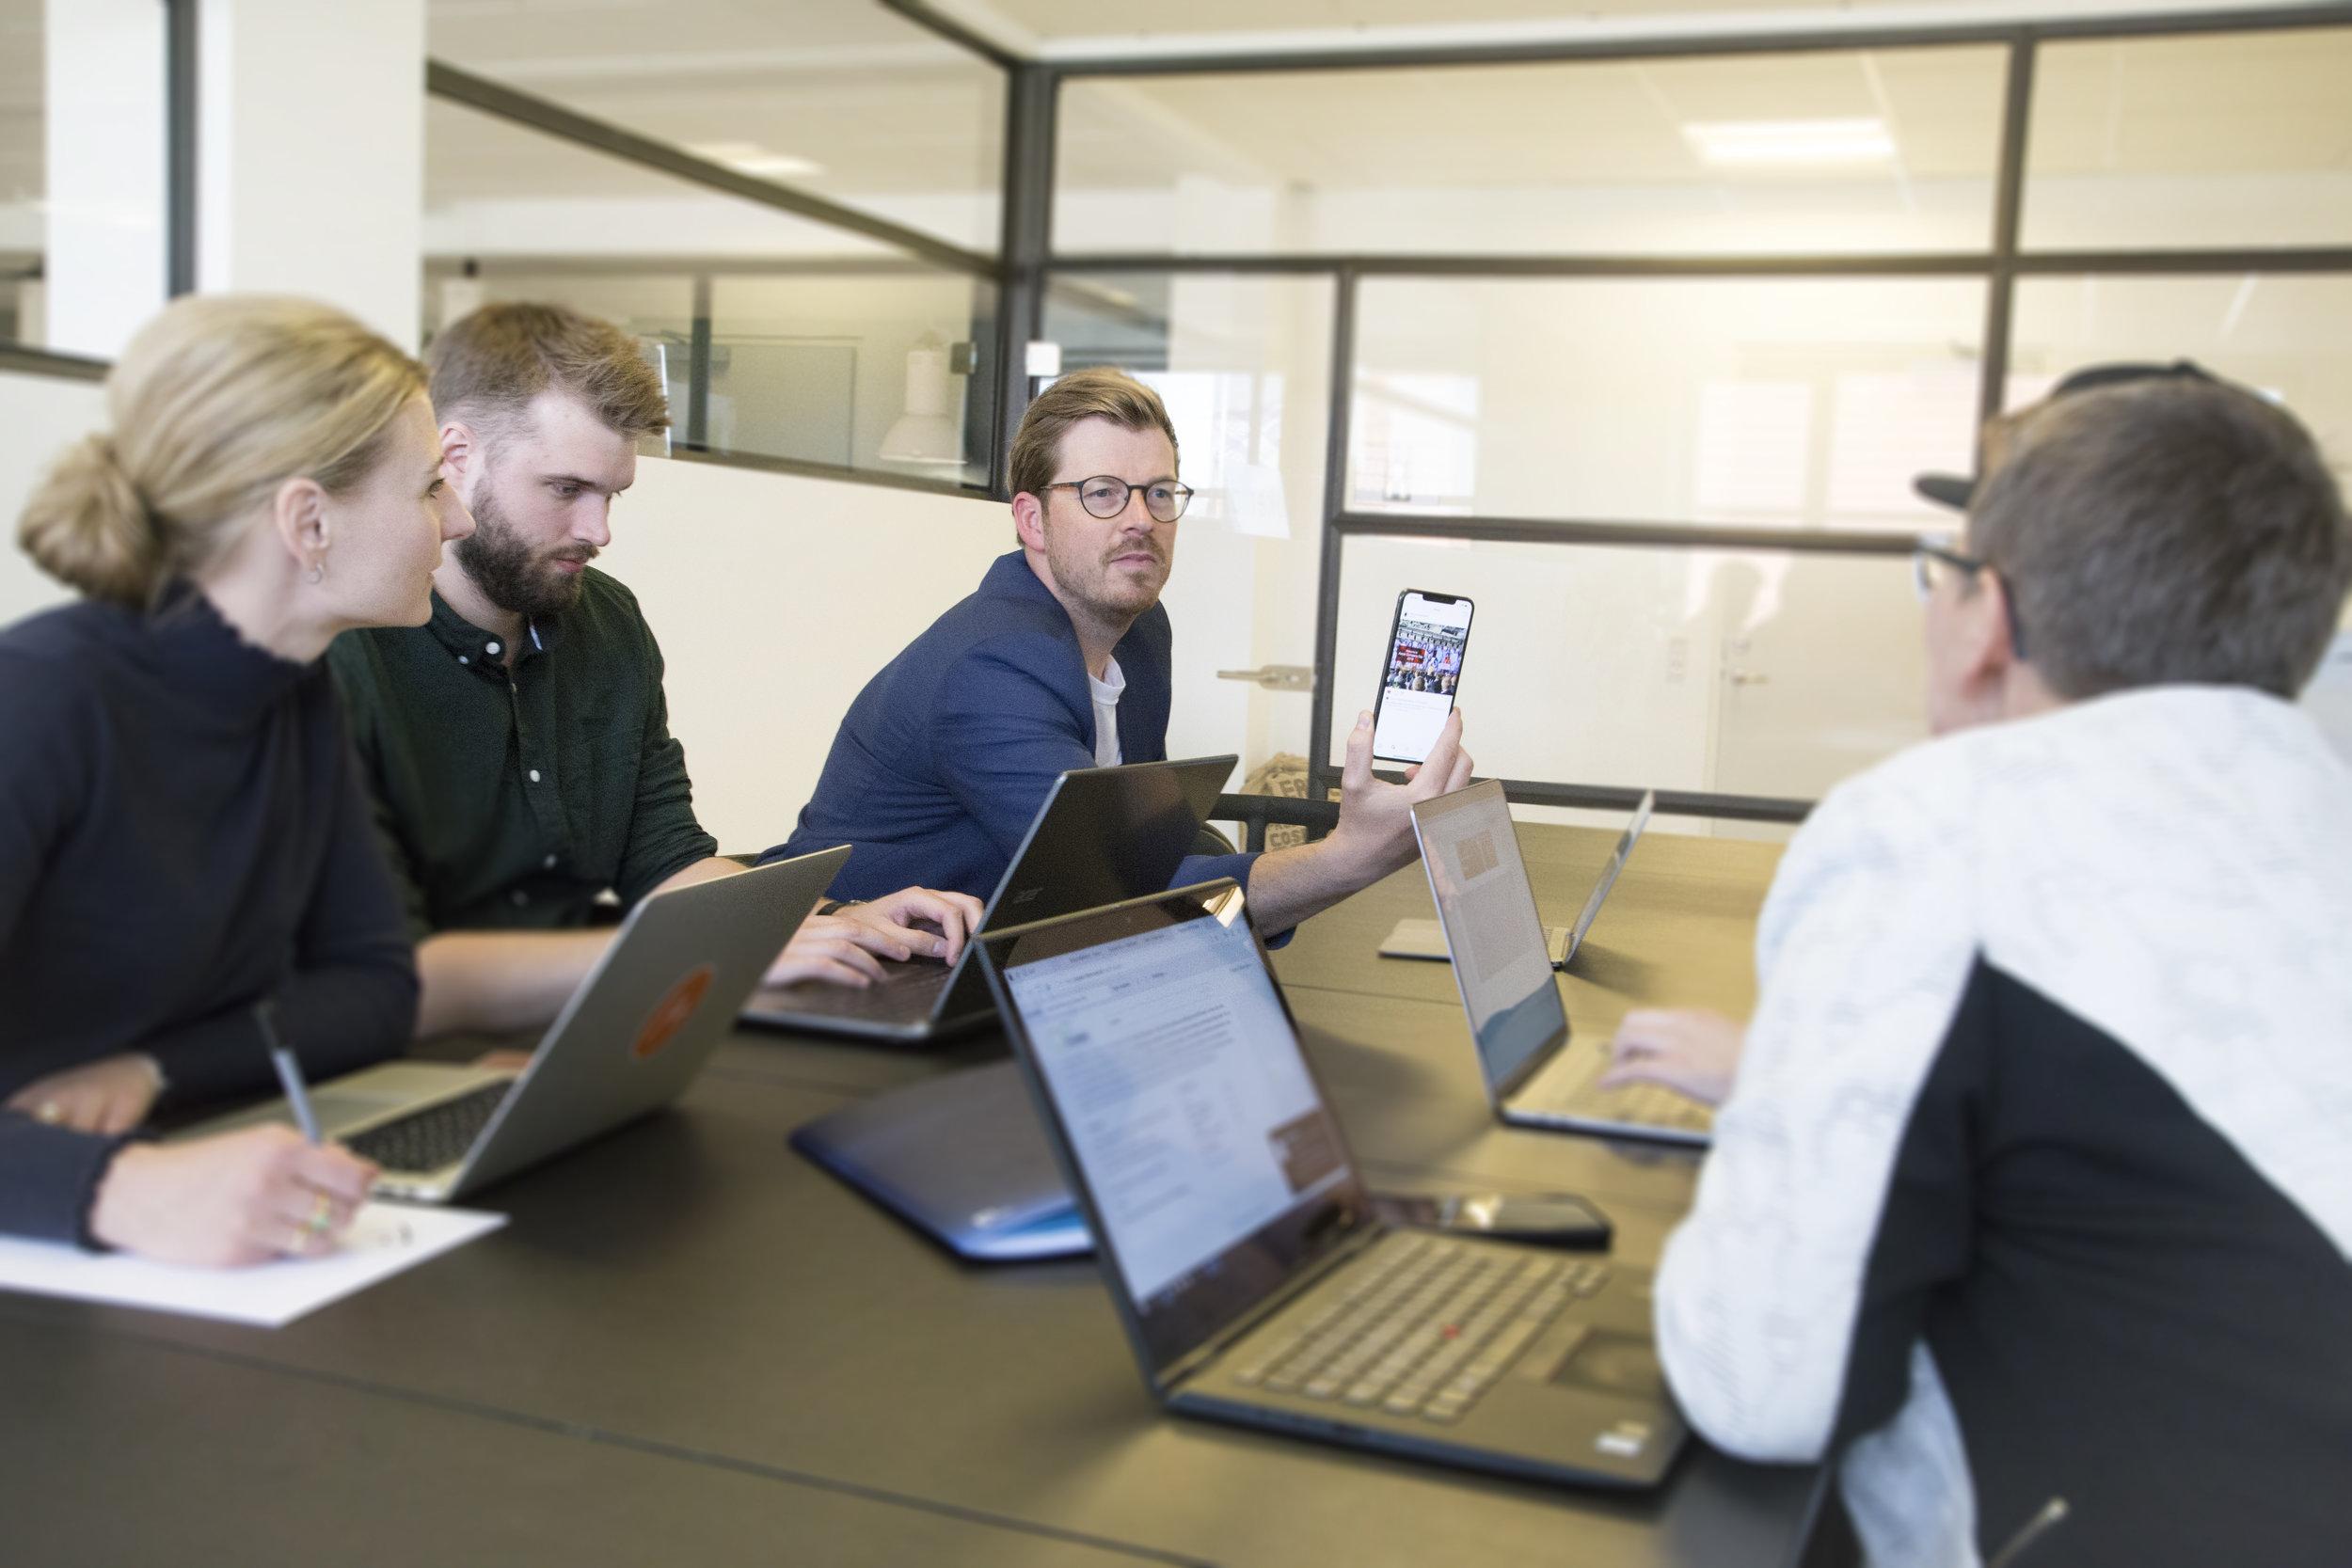 Digitalisering som en service - FORRETNINGSUDVIKLING EKSEKVERET IGENNEM DIGITALISERING - NÅR DU HAR BRUG FOR DET! Denne service giver dig mulighed for rådgivning, om digitale tiltag når det passer dig og din virksomhed. Vi hjælper med at kigger på forretningen og i samarbejde med jer udpeger vi, både højt- såvel som lavt hængende digitale frugter, som I med forretningsmæssig fordel kan plukke. Vi sørger for eksekveringen af helt konkrete digitale tiltag og hjælper i hele implementeringsfasen, så I kommer sikkert og succesfuldt frem til jeres digitale mål.Se eksempler på digitale tiltag: KLIK HER